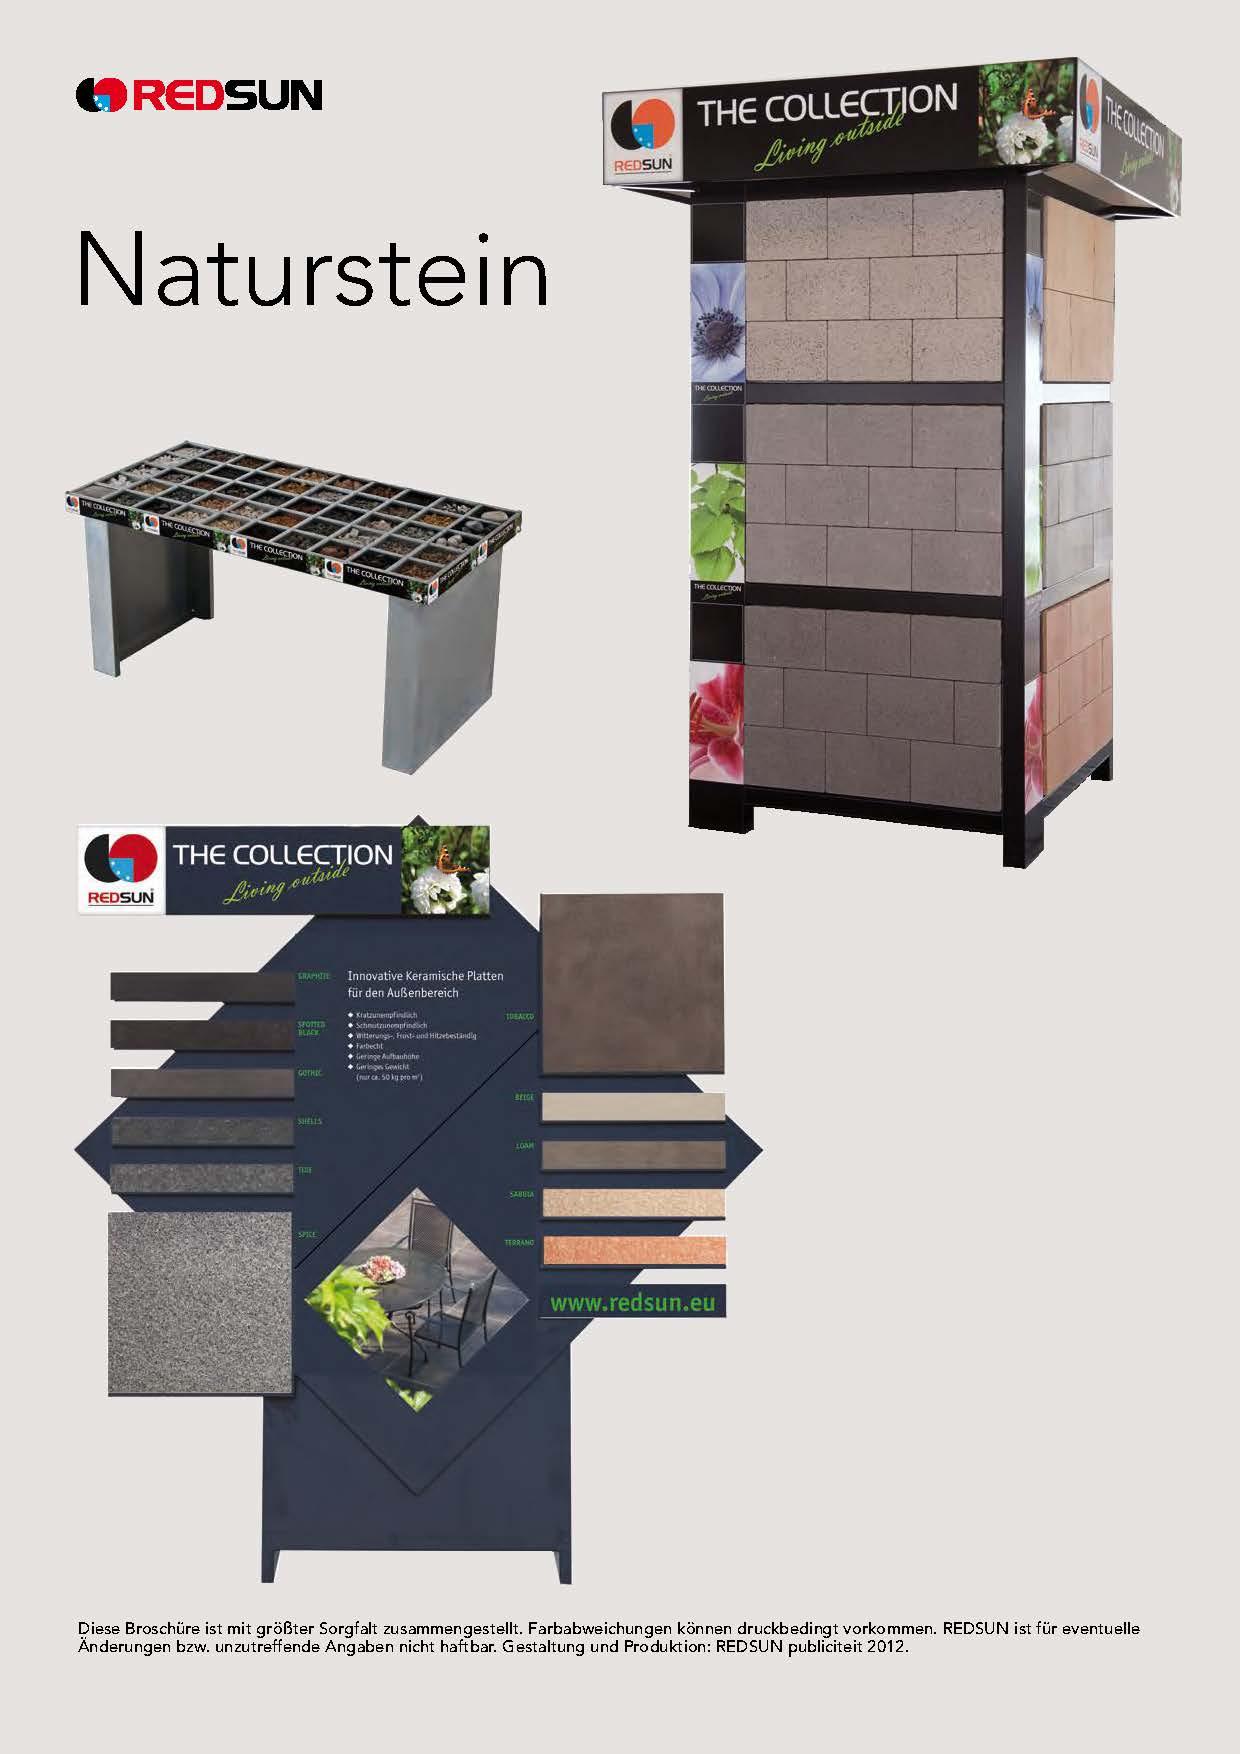 Balkonmobel Ikea Deutschland : Naturstein, Zierstein, Splitt, Sand, Bodenbeläge, Pflastersteine